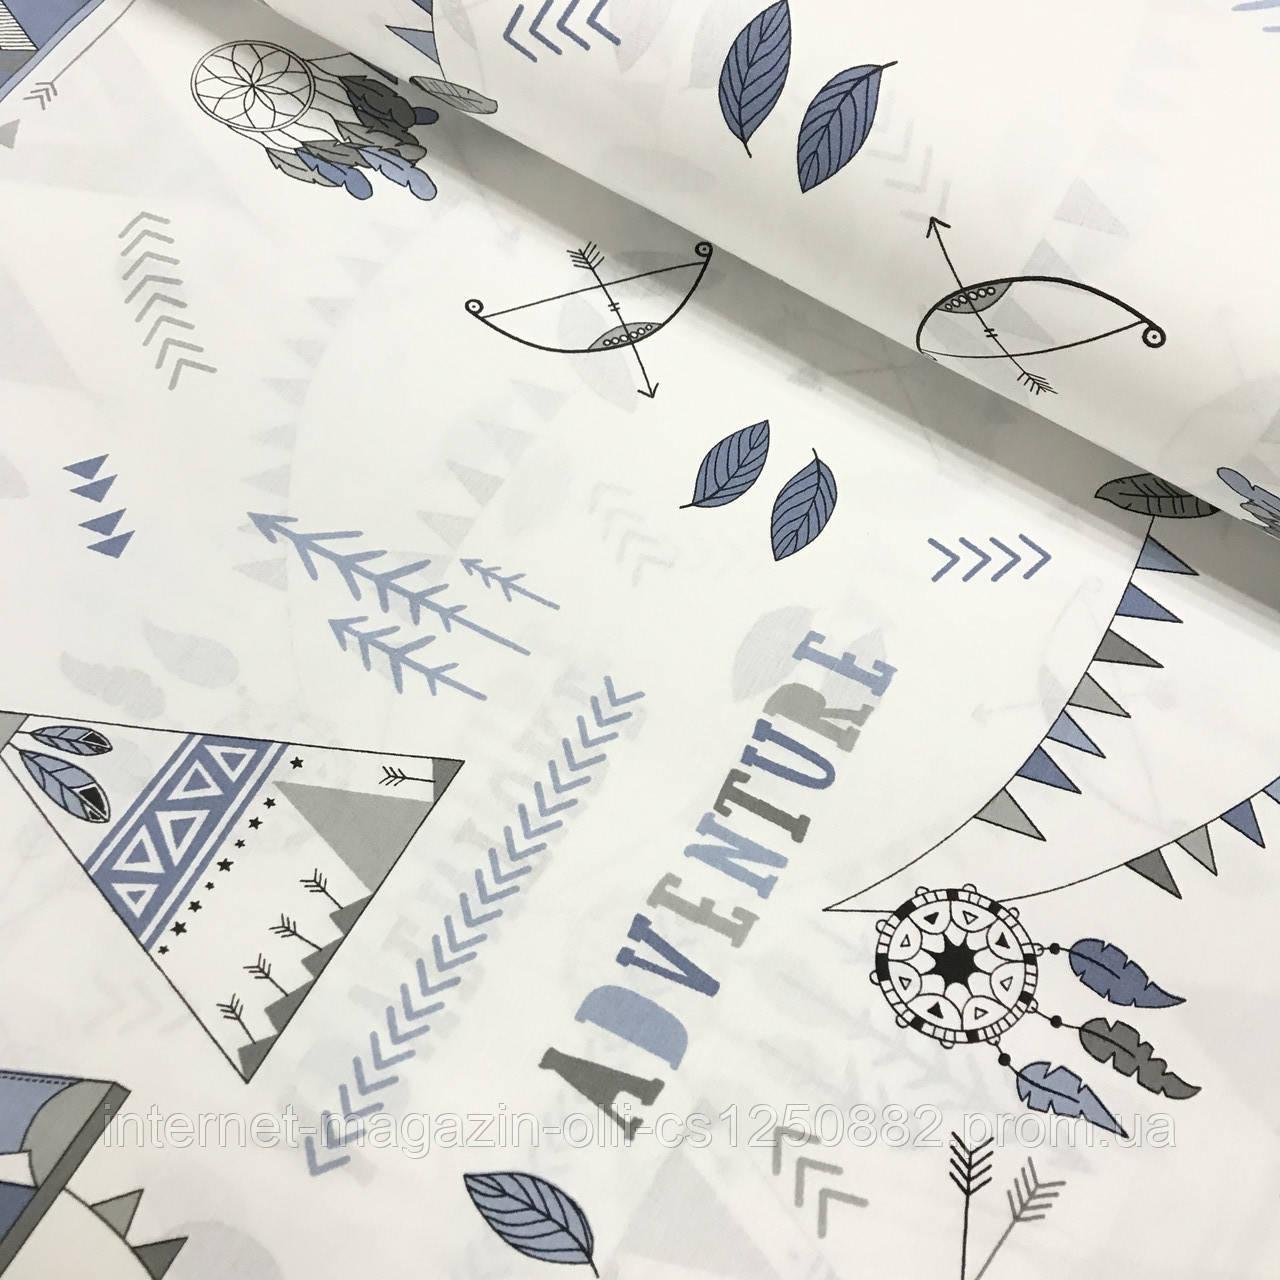 Ткань поплин, крупные вигвамы с амулетами голубые на белом (ТУРЦИЯ шир. 2,4 м)